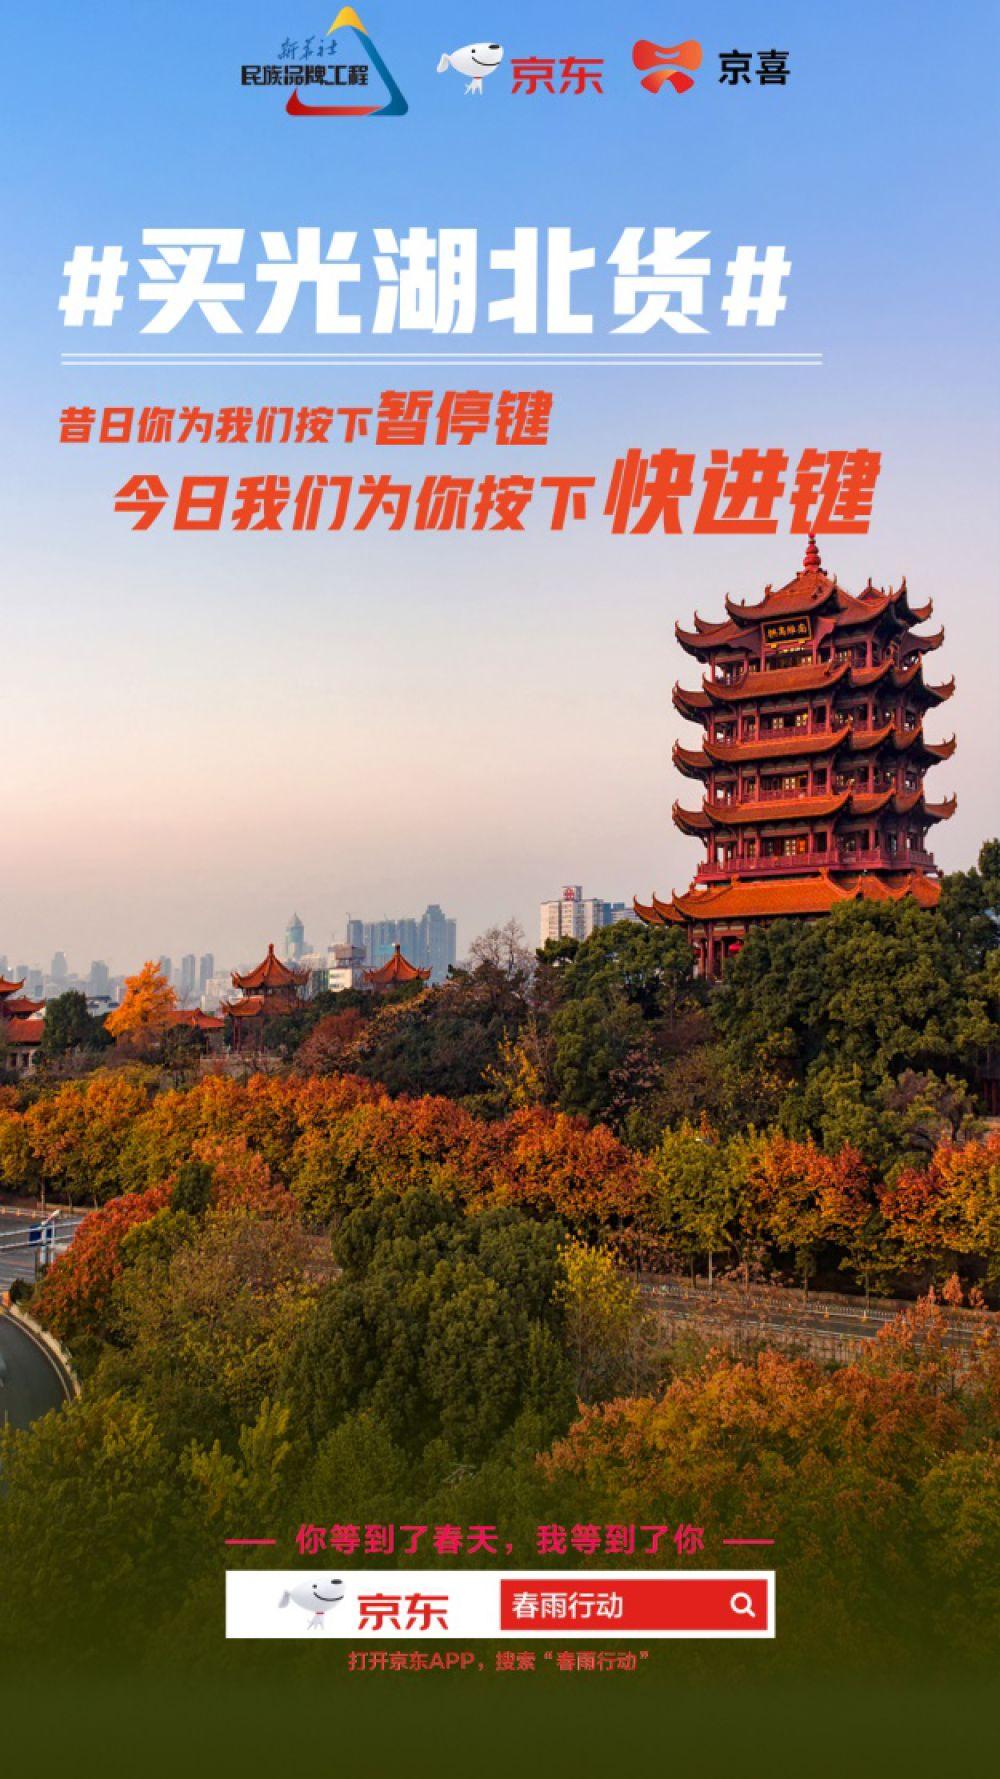 """新華社民族品牌工程聯合京東發起""""買光湖北貨""""行動"""